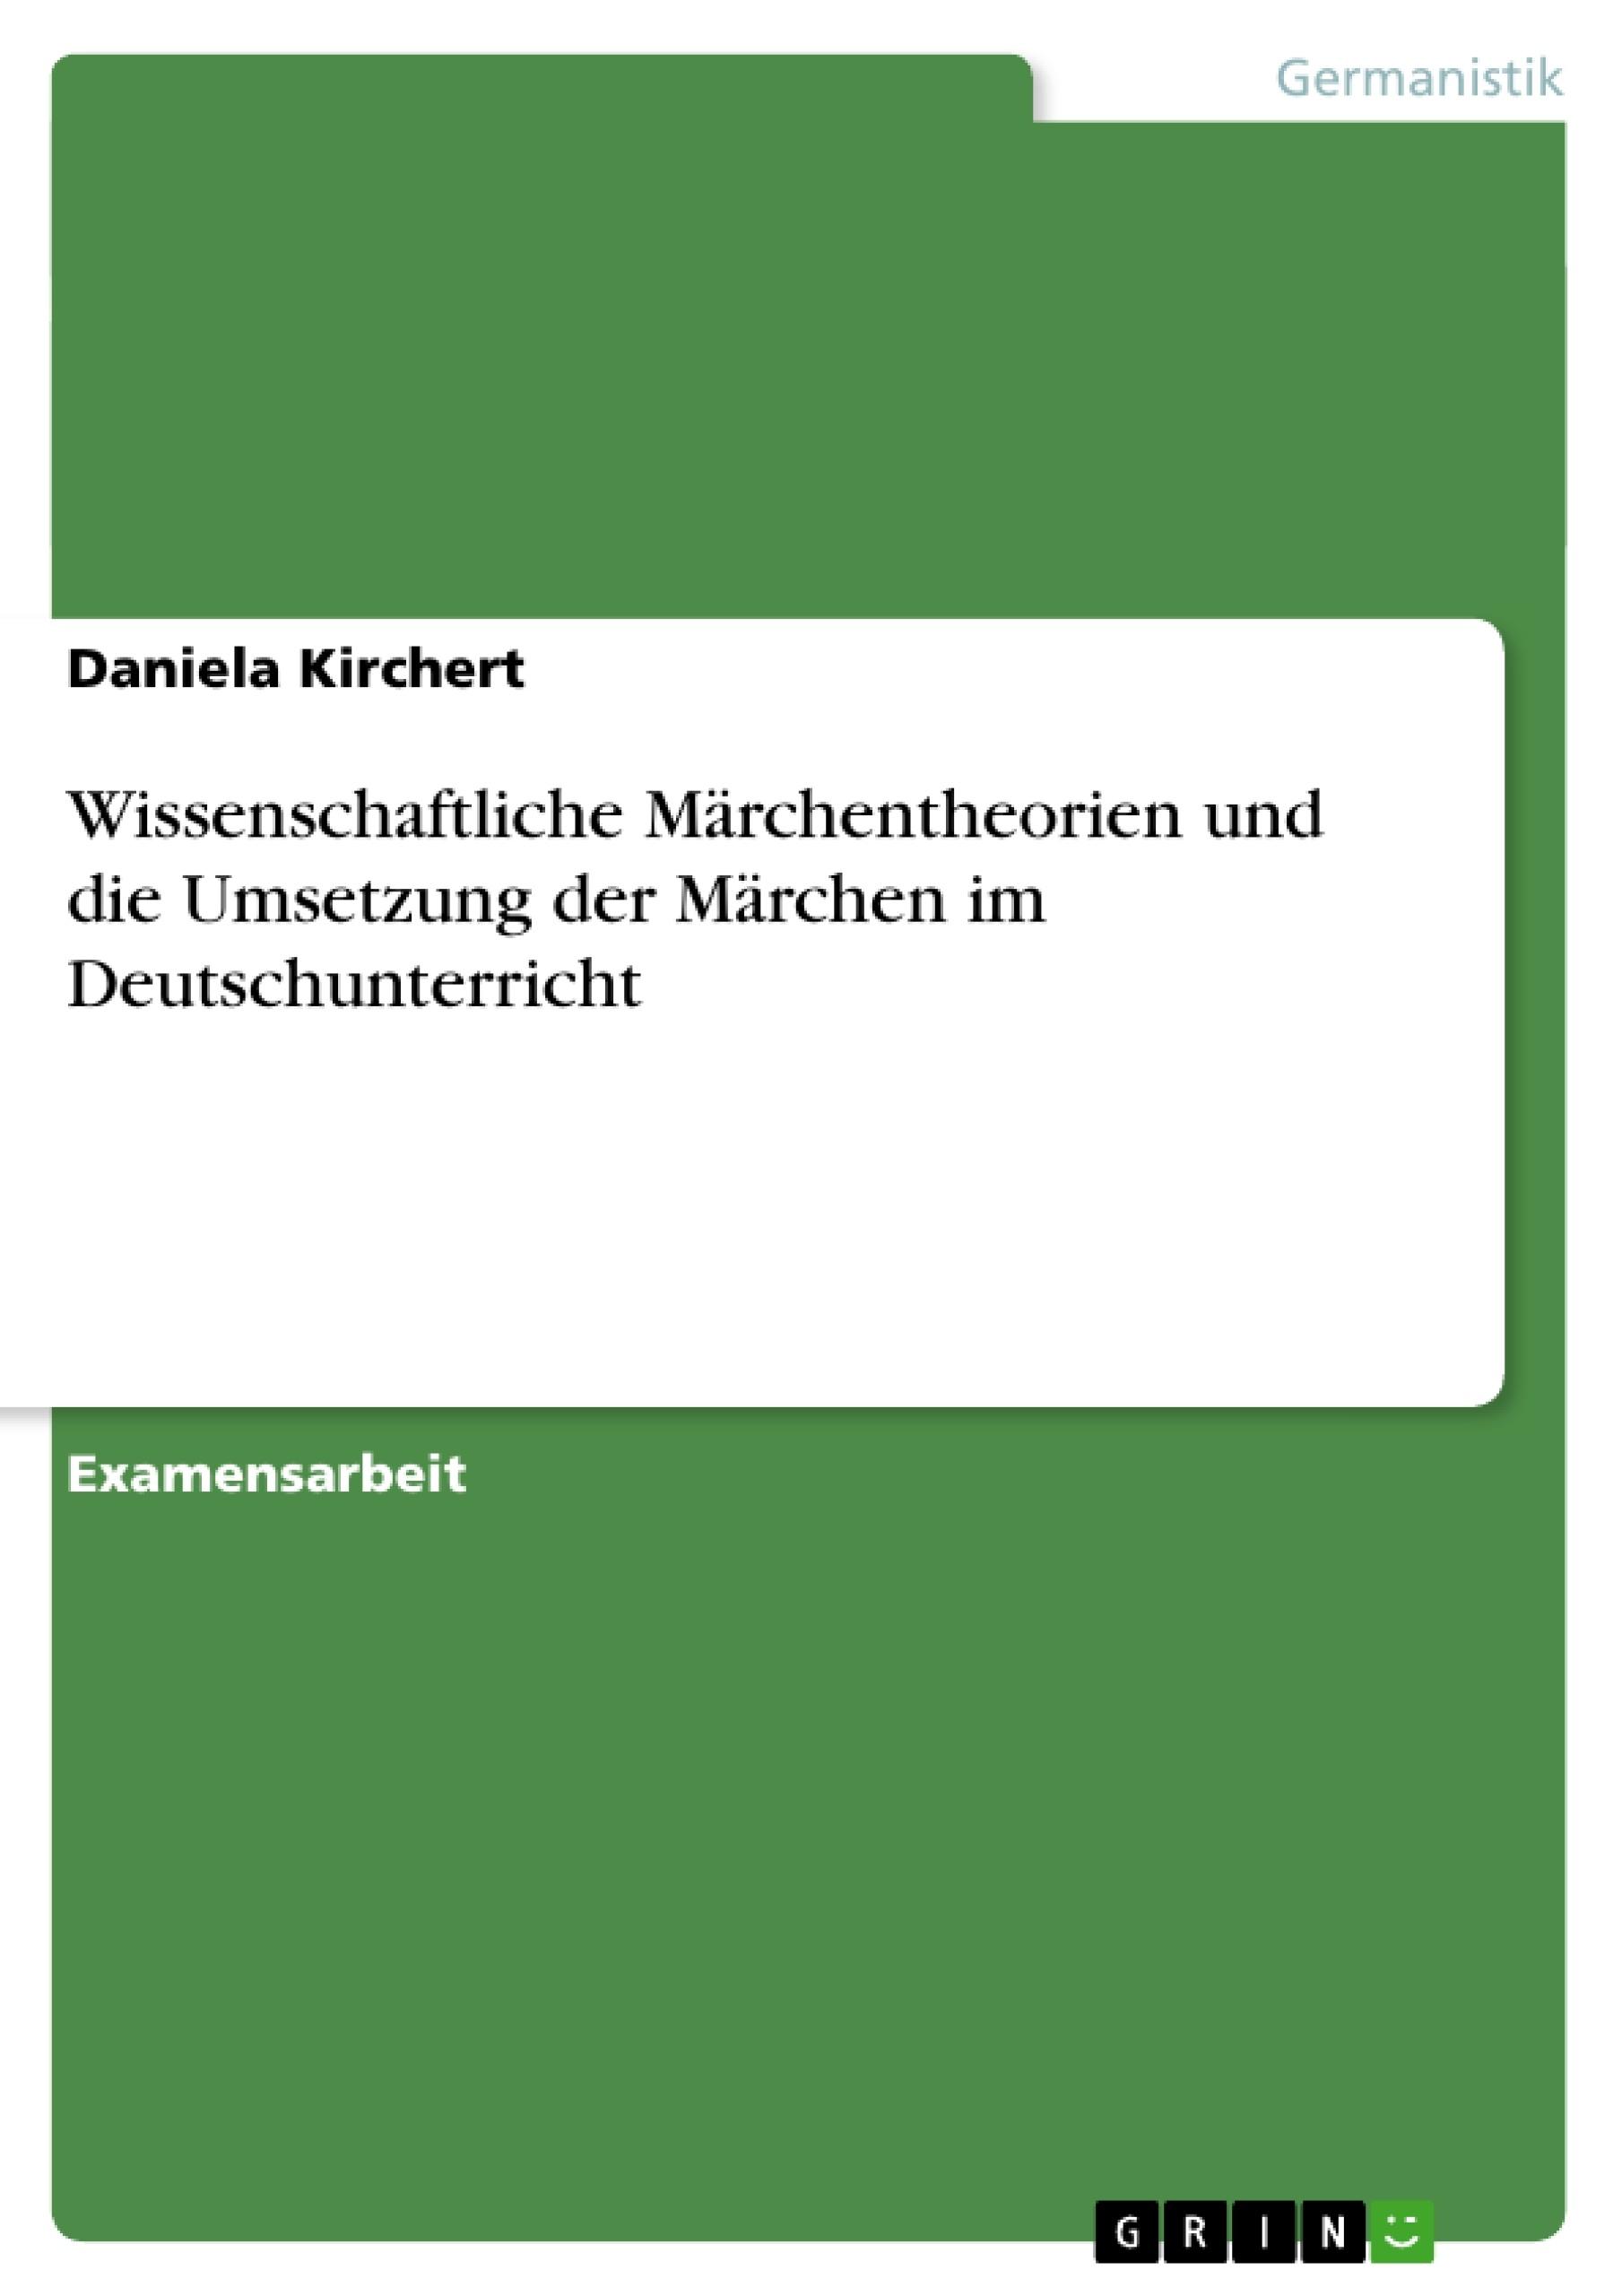 Titel: Wissenschaftliche Märchentheorien und die Umsetzung der Märchen im Deutschunterricht